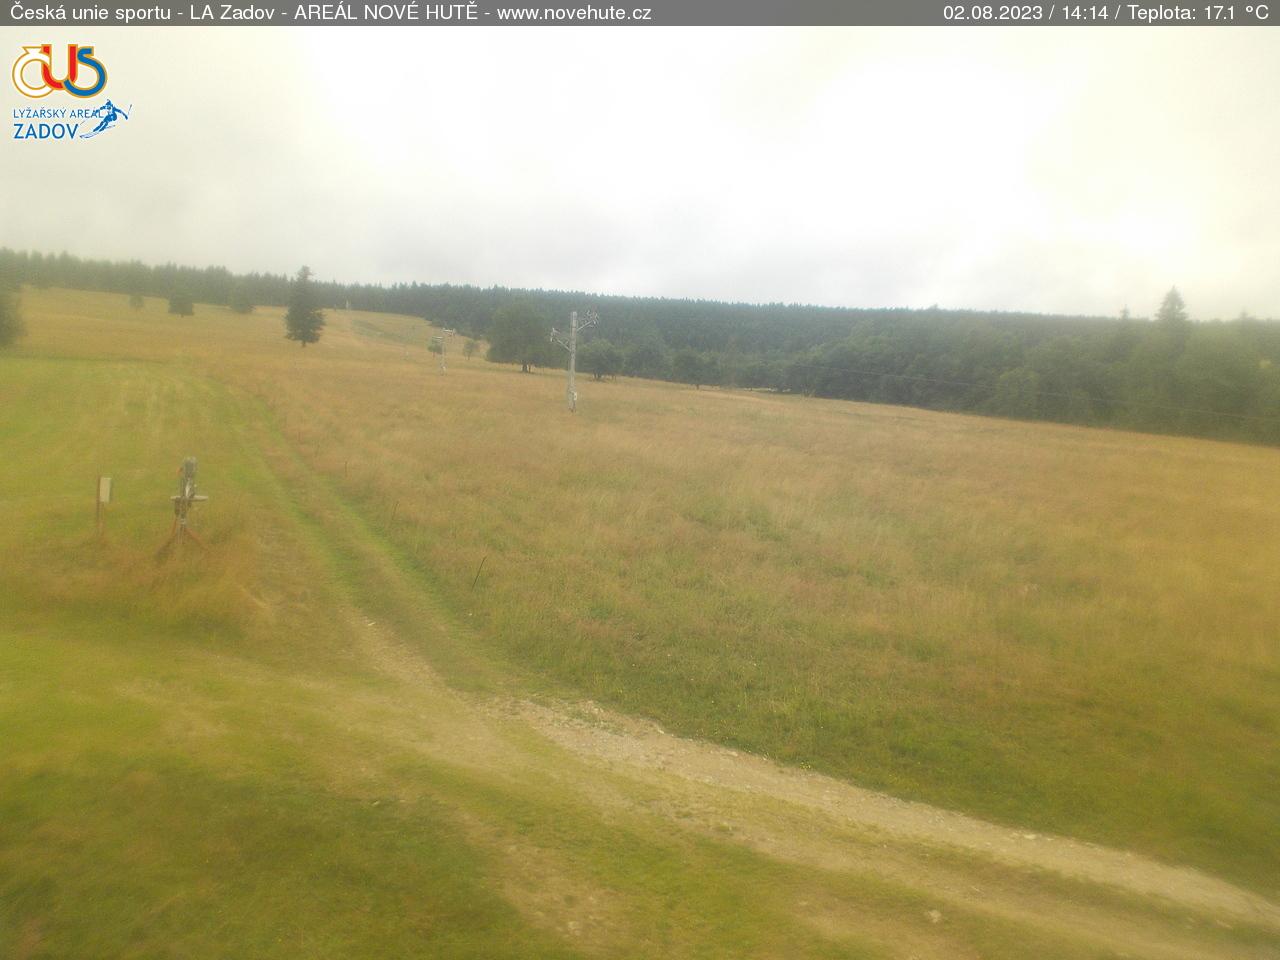 Webcam Skigebiet Zadov - Churanov Nove Hute - Böhmer Wald